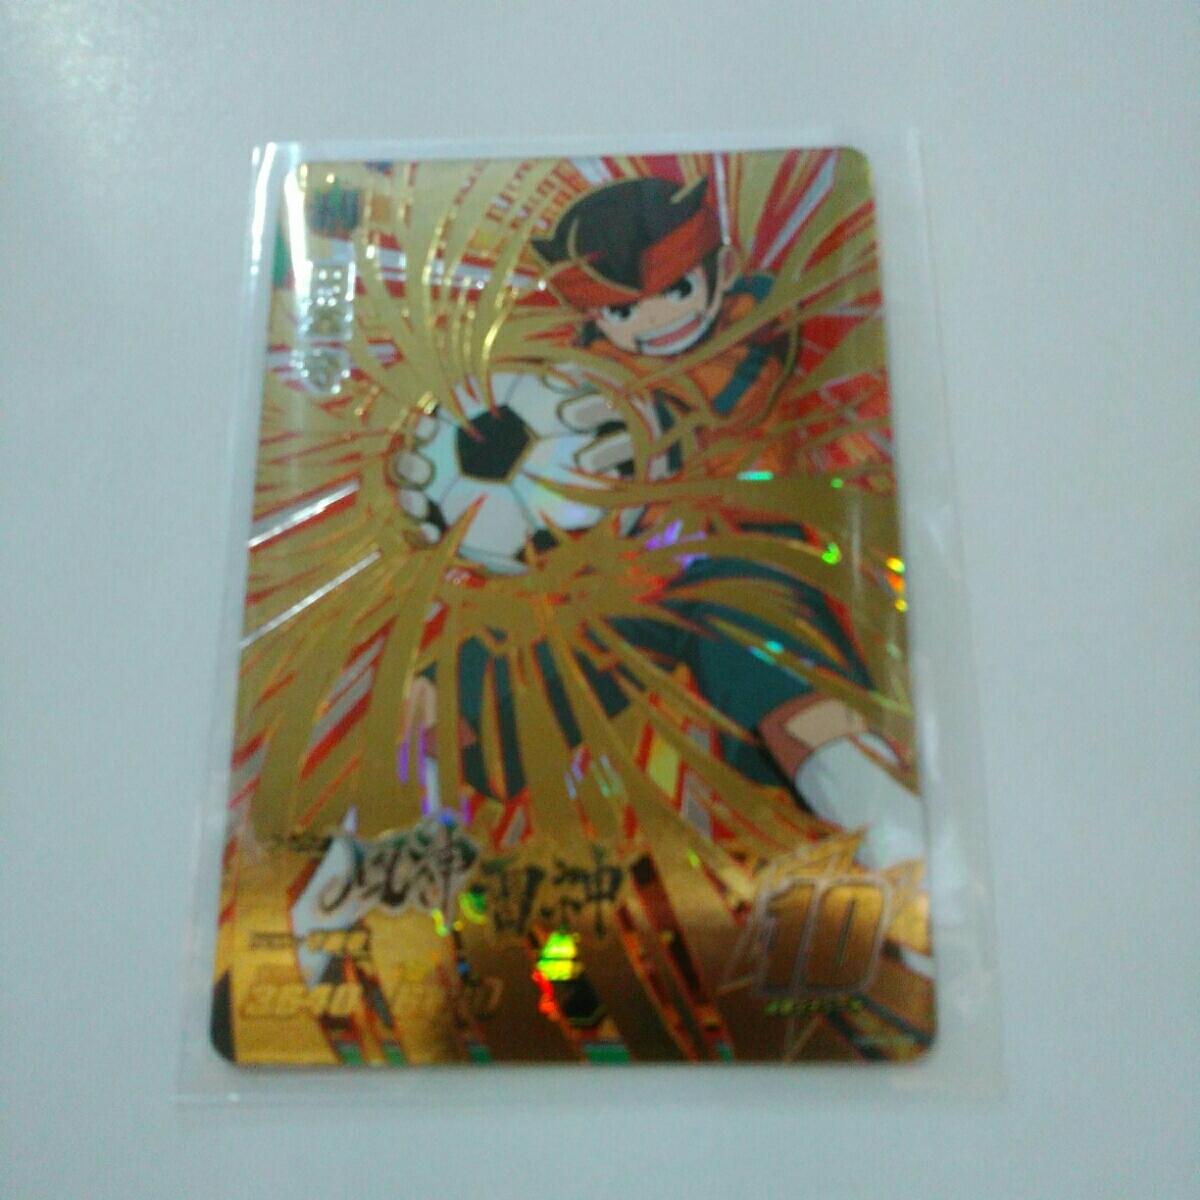 【送料込み】イナズマイレブンAC UR円堂 シークレット